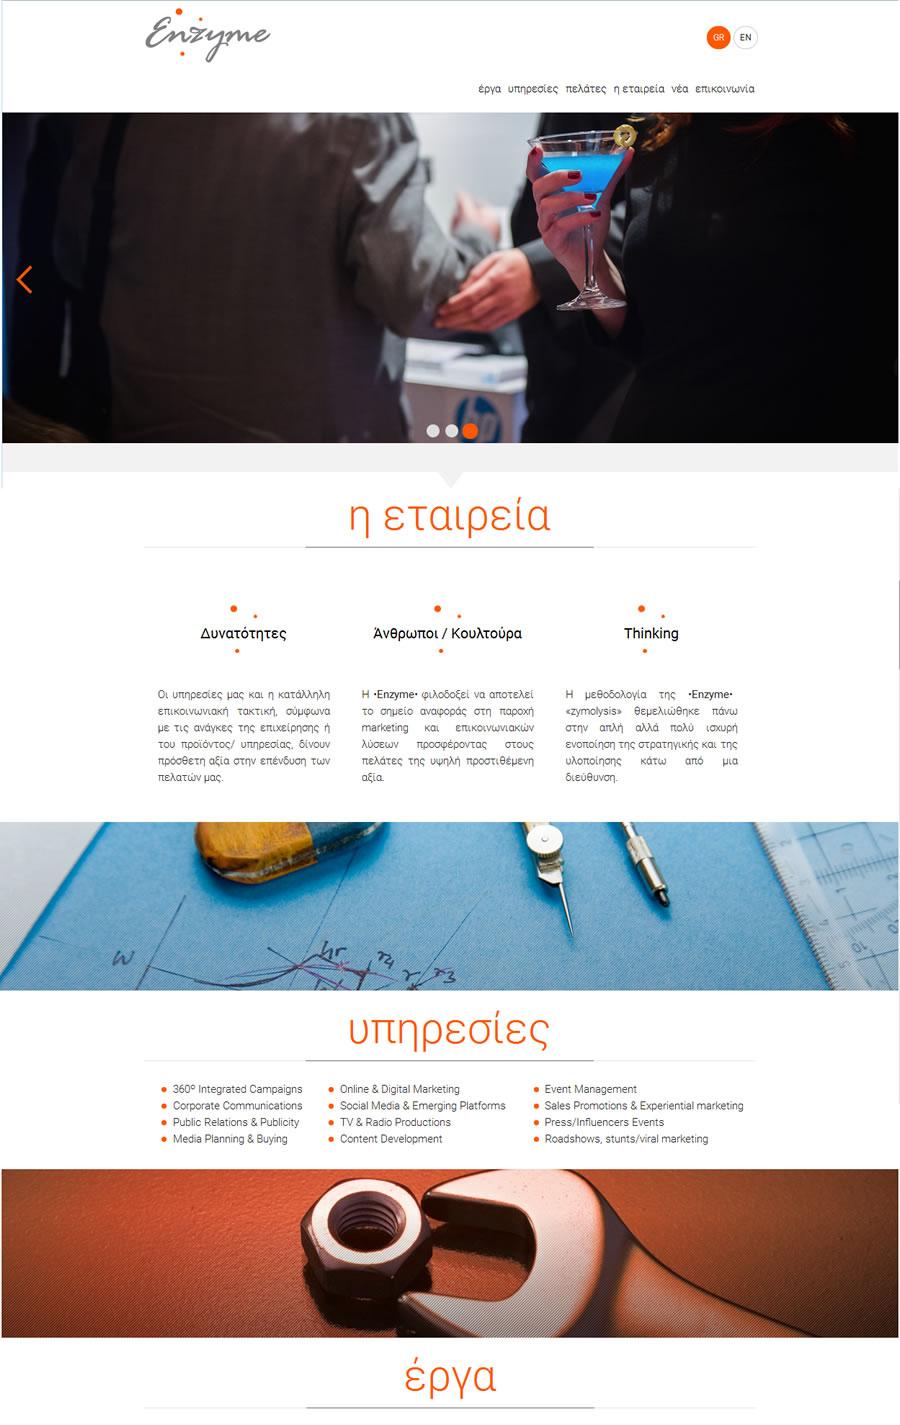 enzyme.gr website